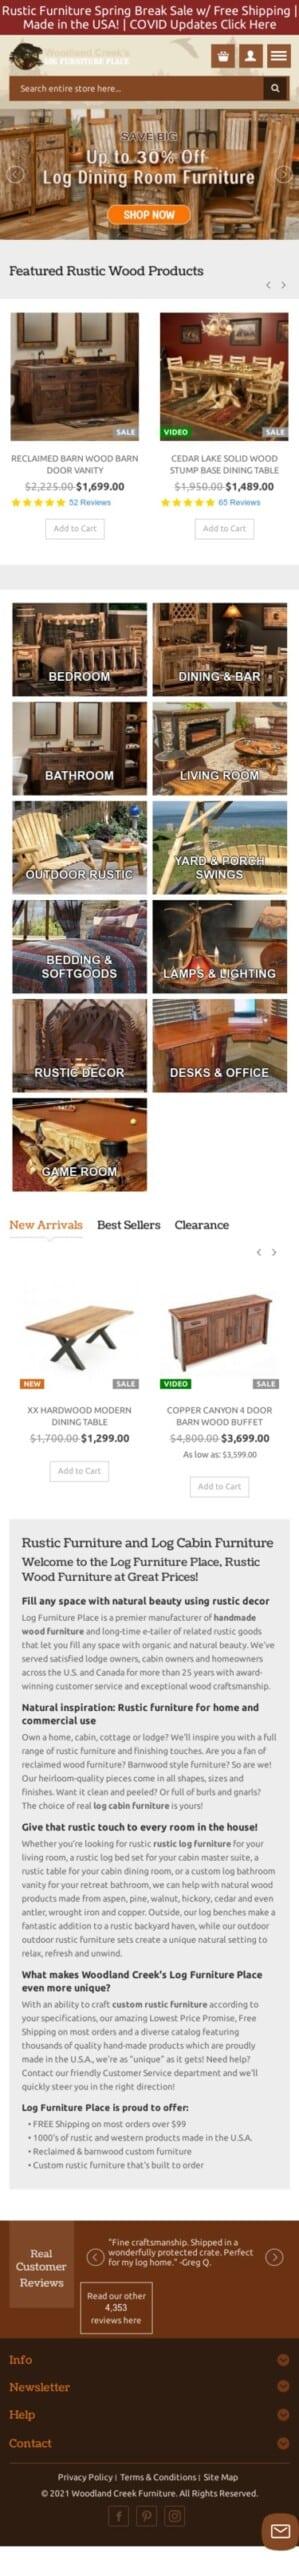 Log Furniture Place Coupon